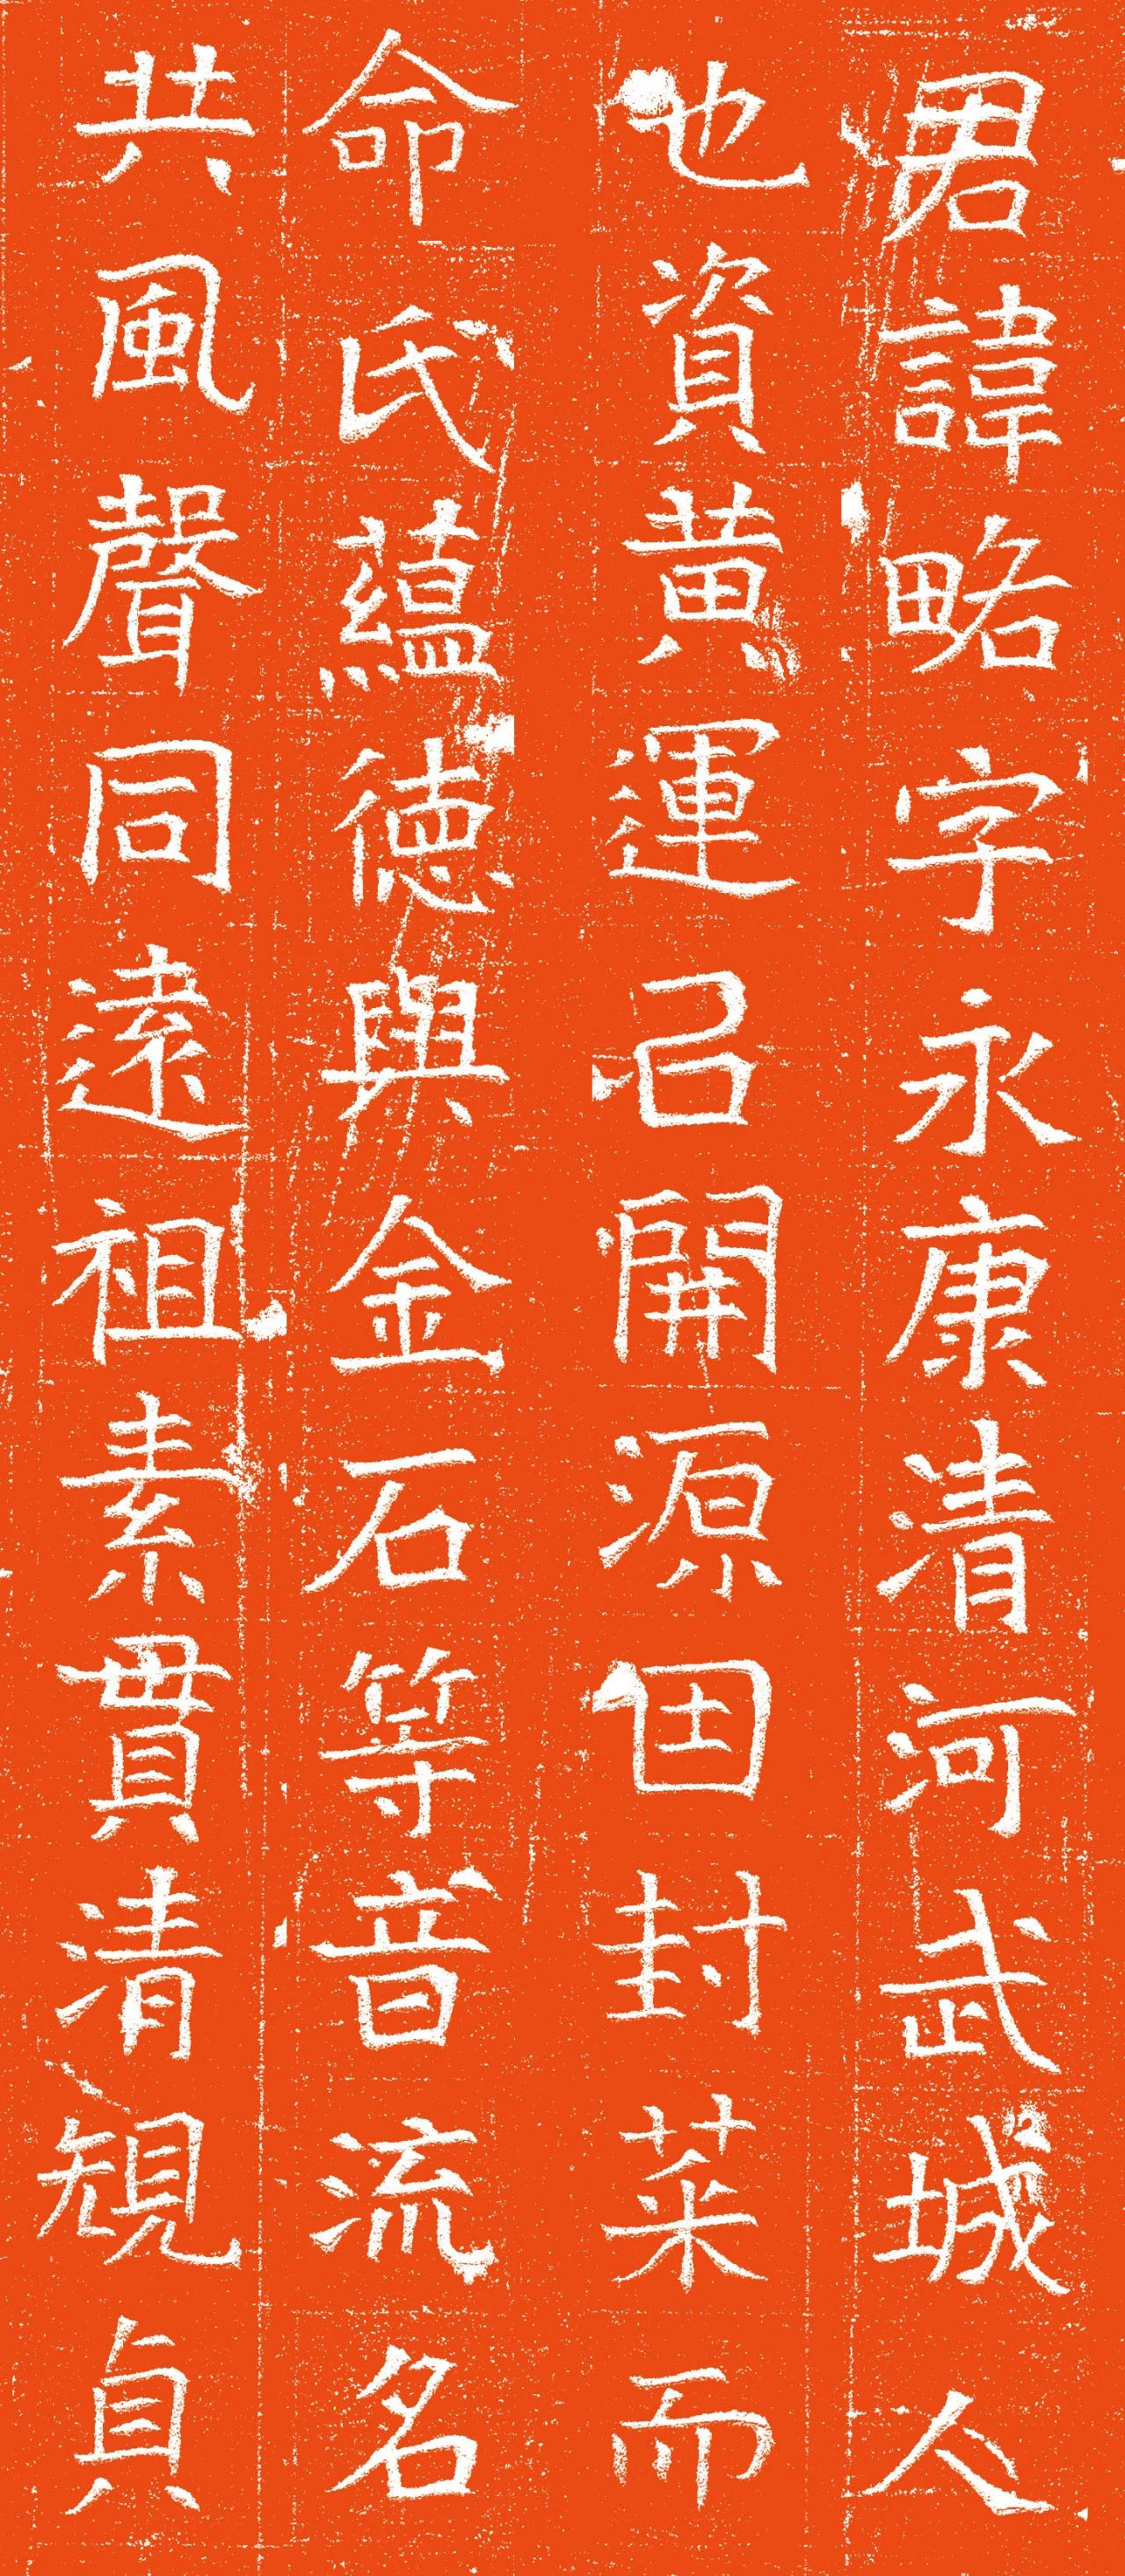 东魏楷书石刻《张略墓志》